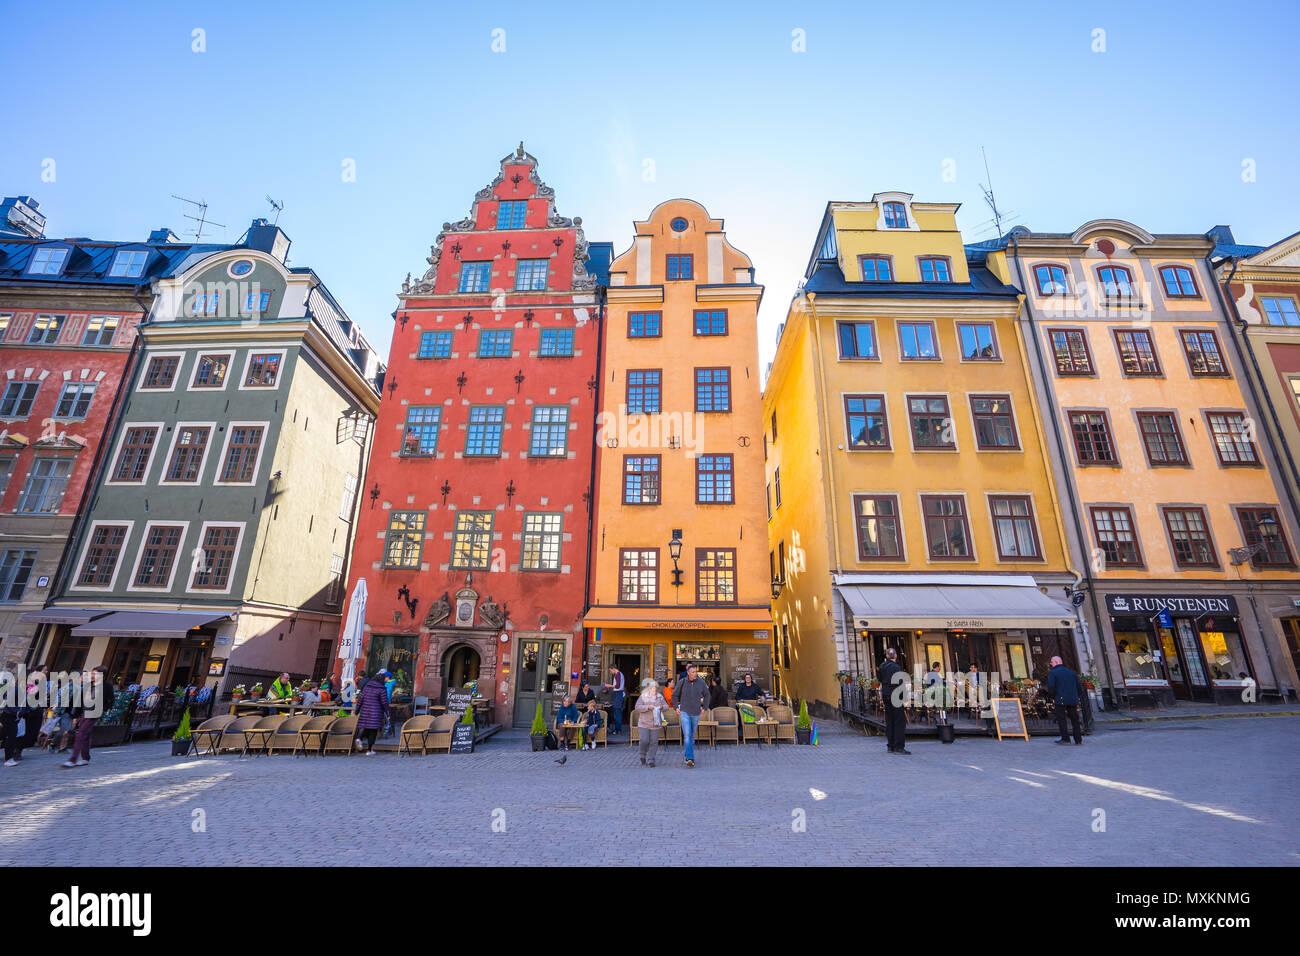 Stockholm, Schweden - 4. Mai 2017: Altstadt Gamla Stan in Stockholm, Schweden. Stockbild